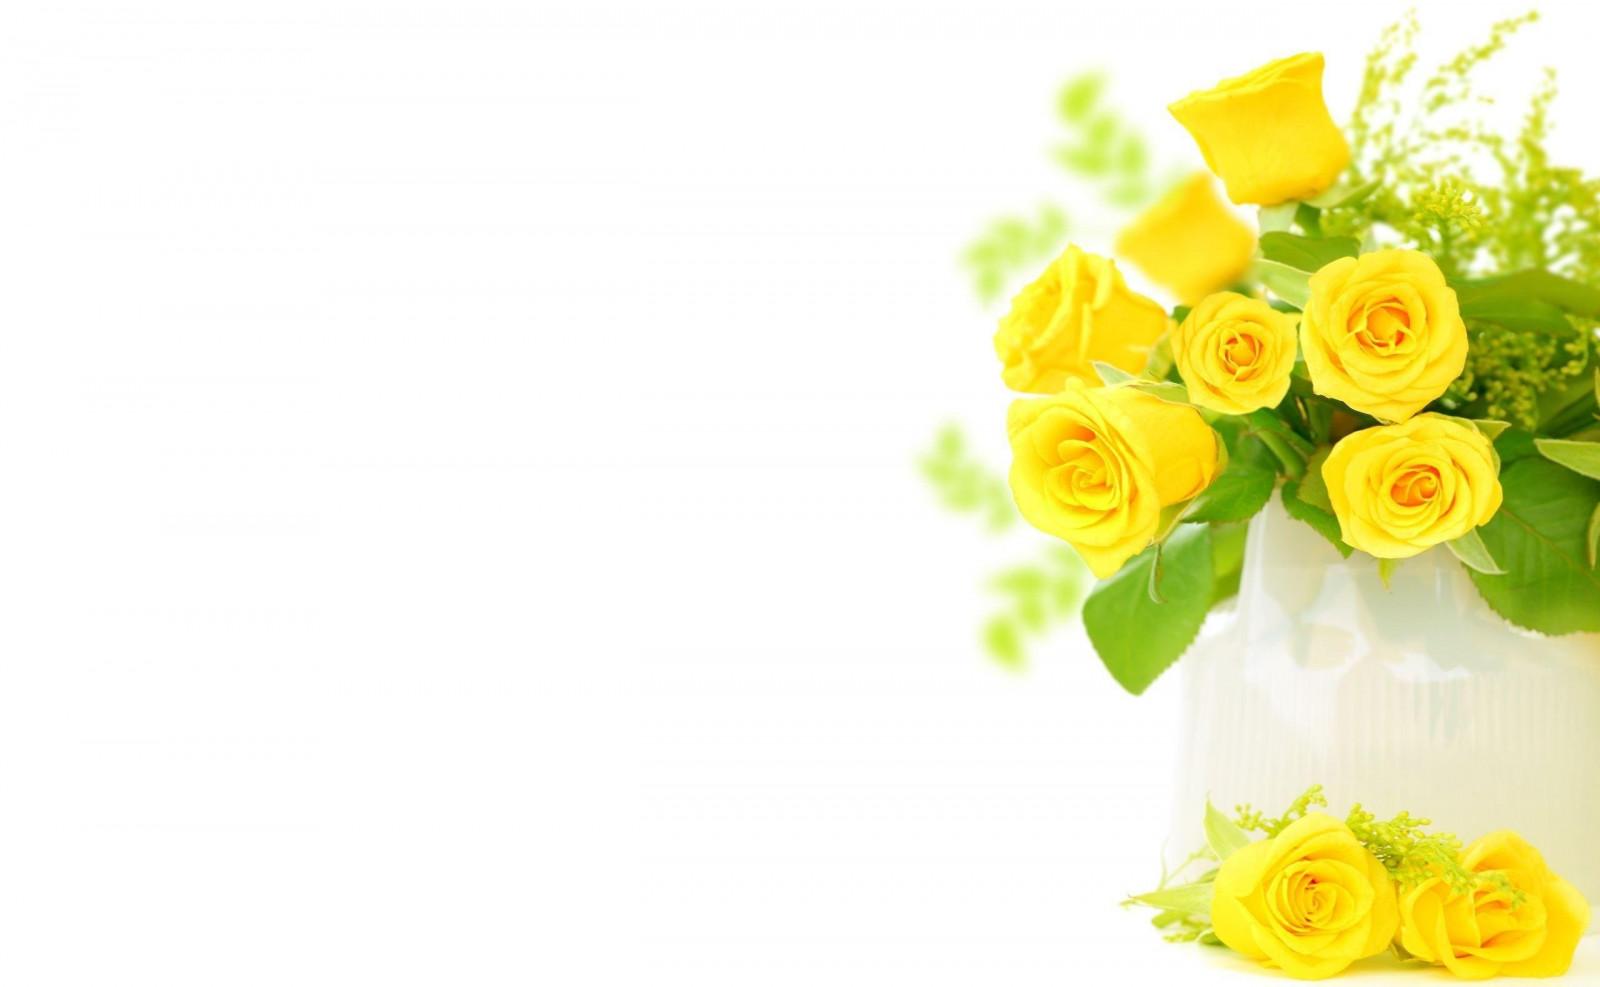 Открытки с цветами на белом фоне 27